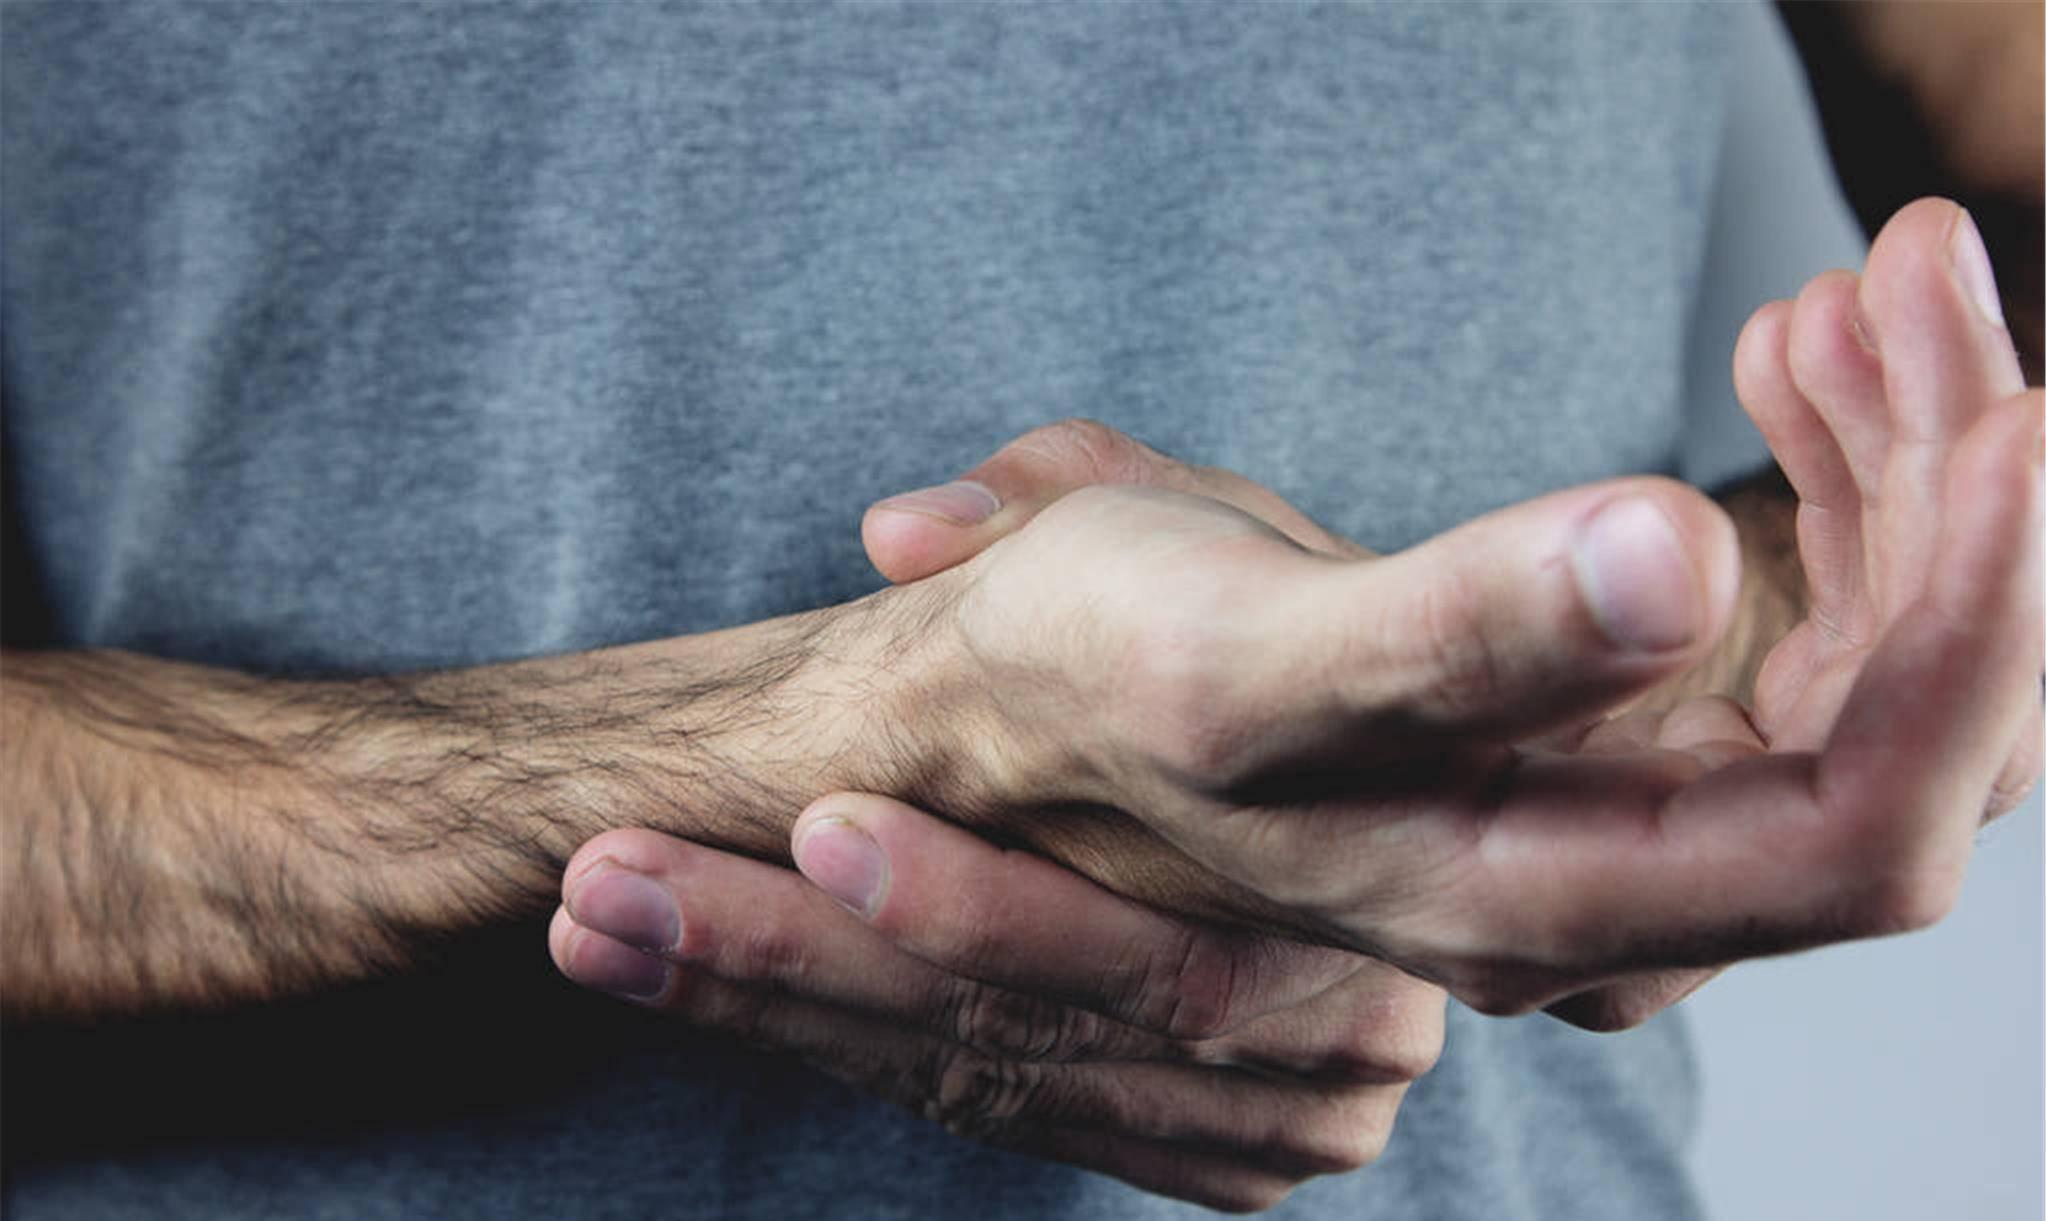 手臂酸痛什么原因 右手臂酸痛是什么原因